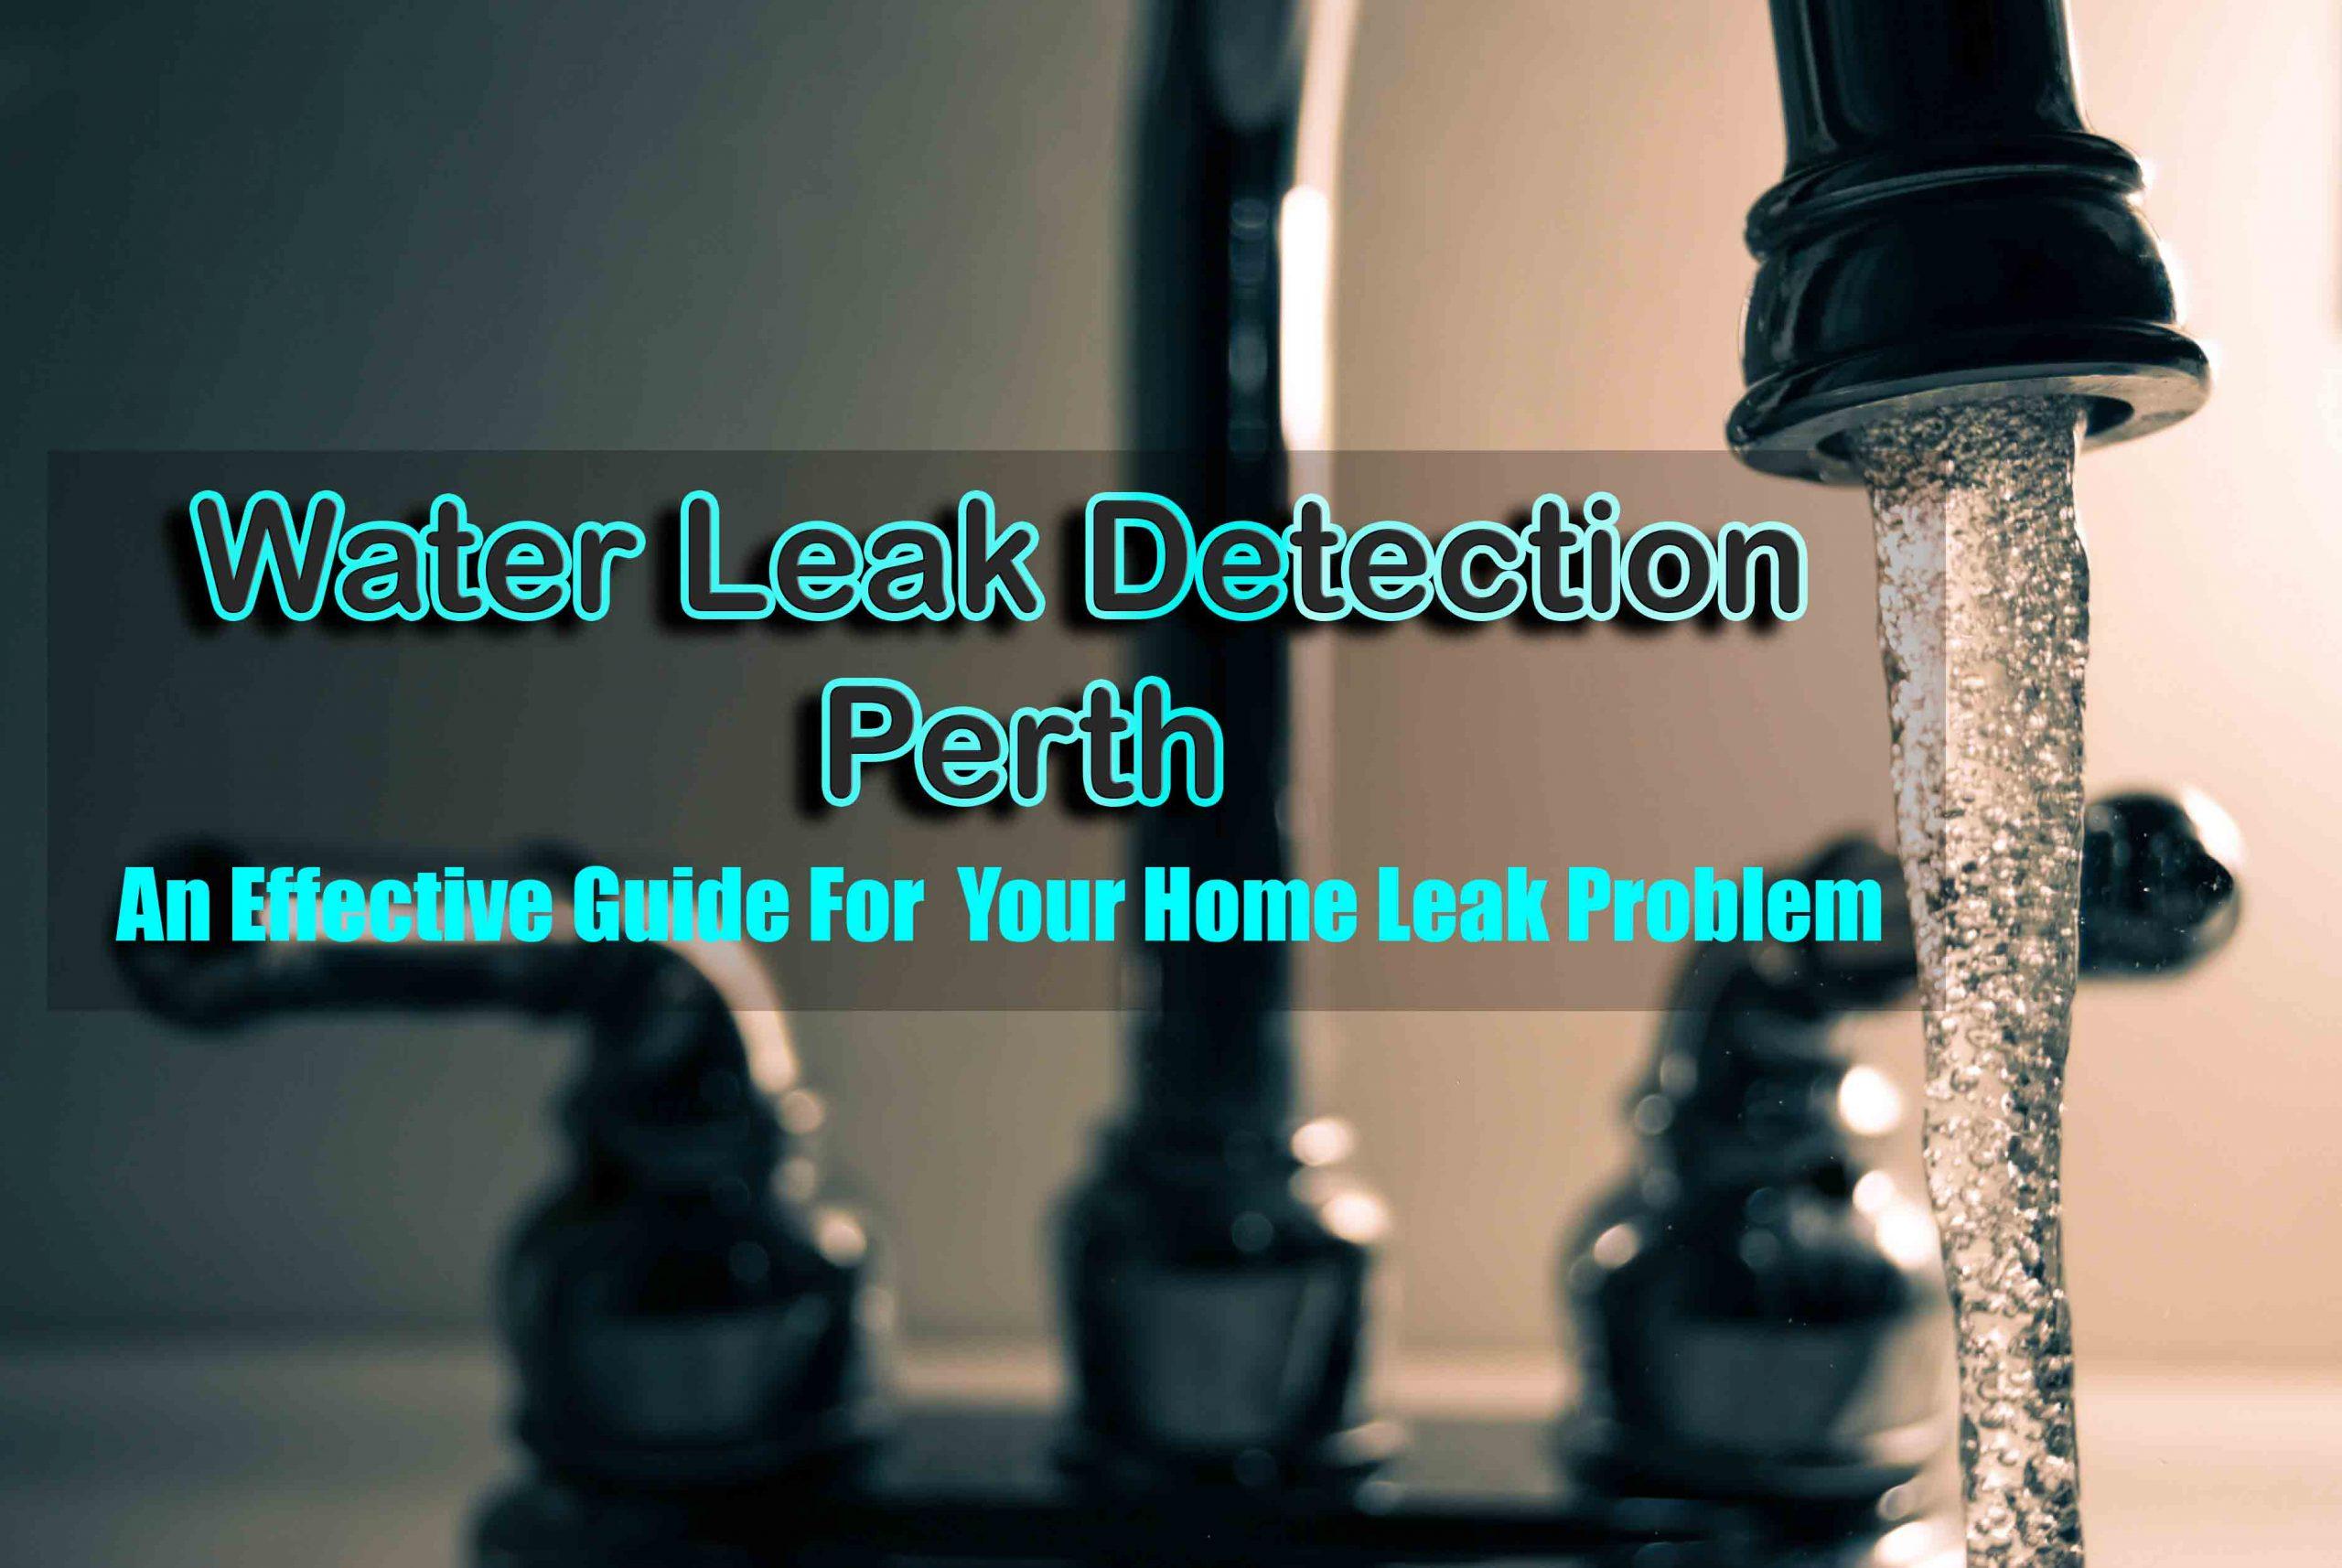 Water Leak Detection Perth